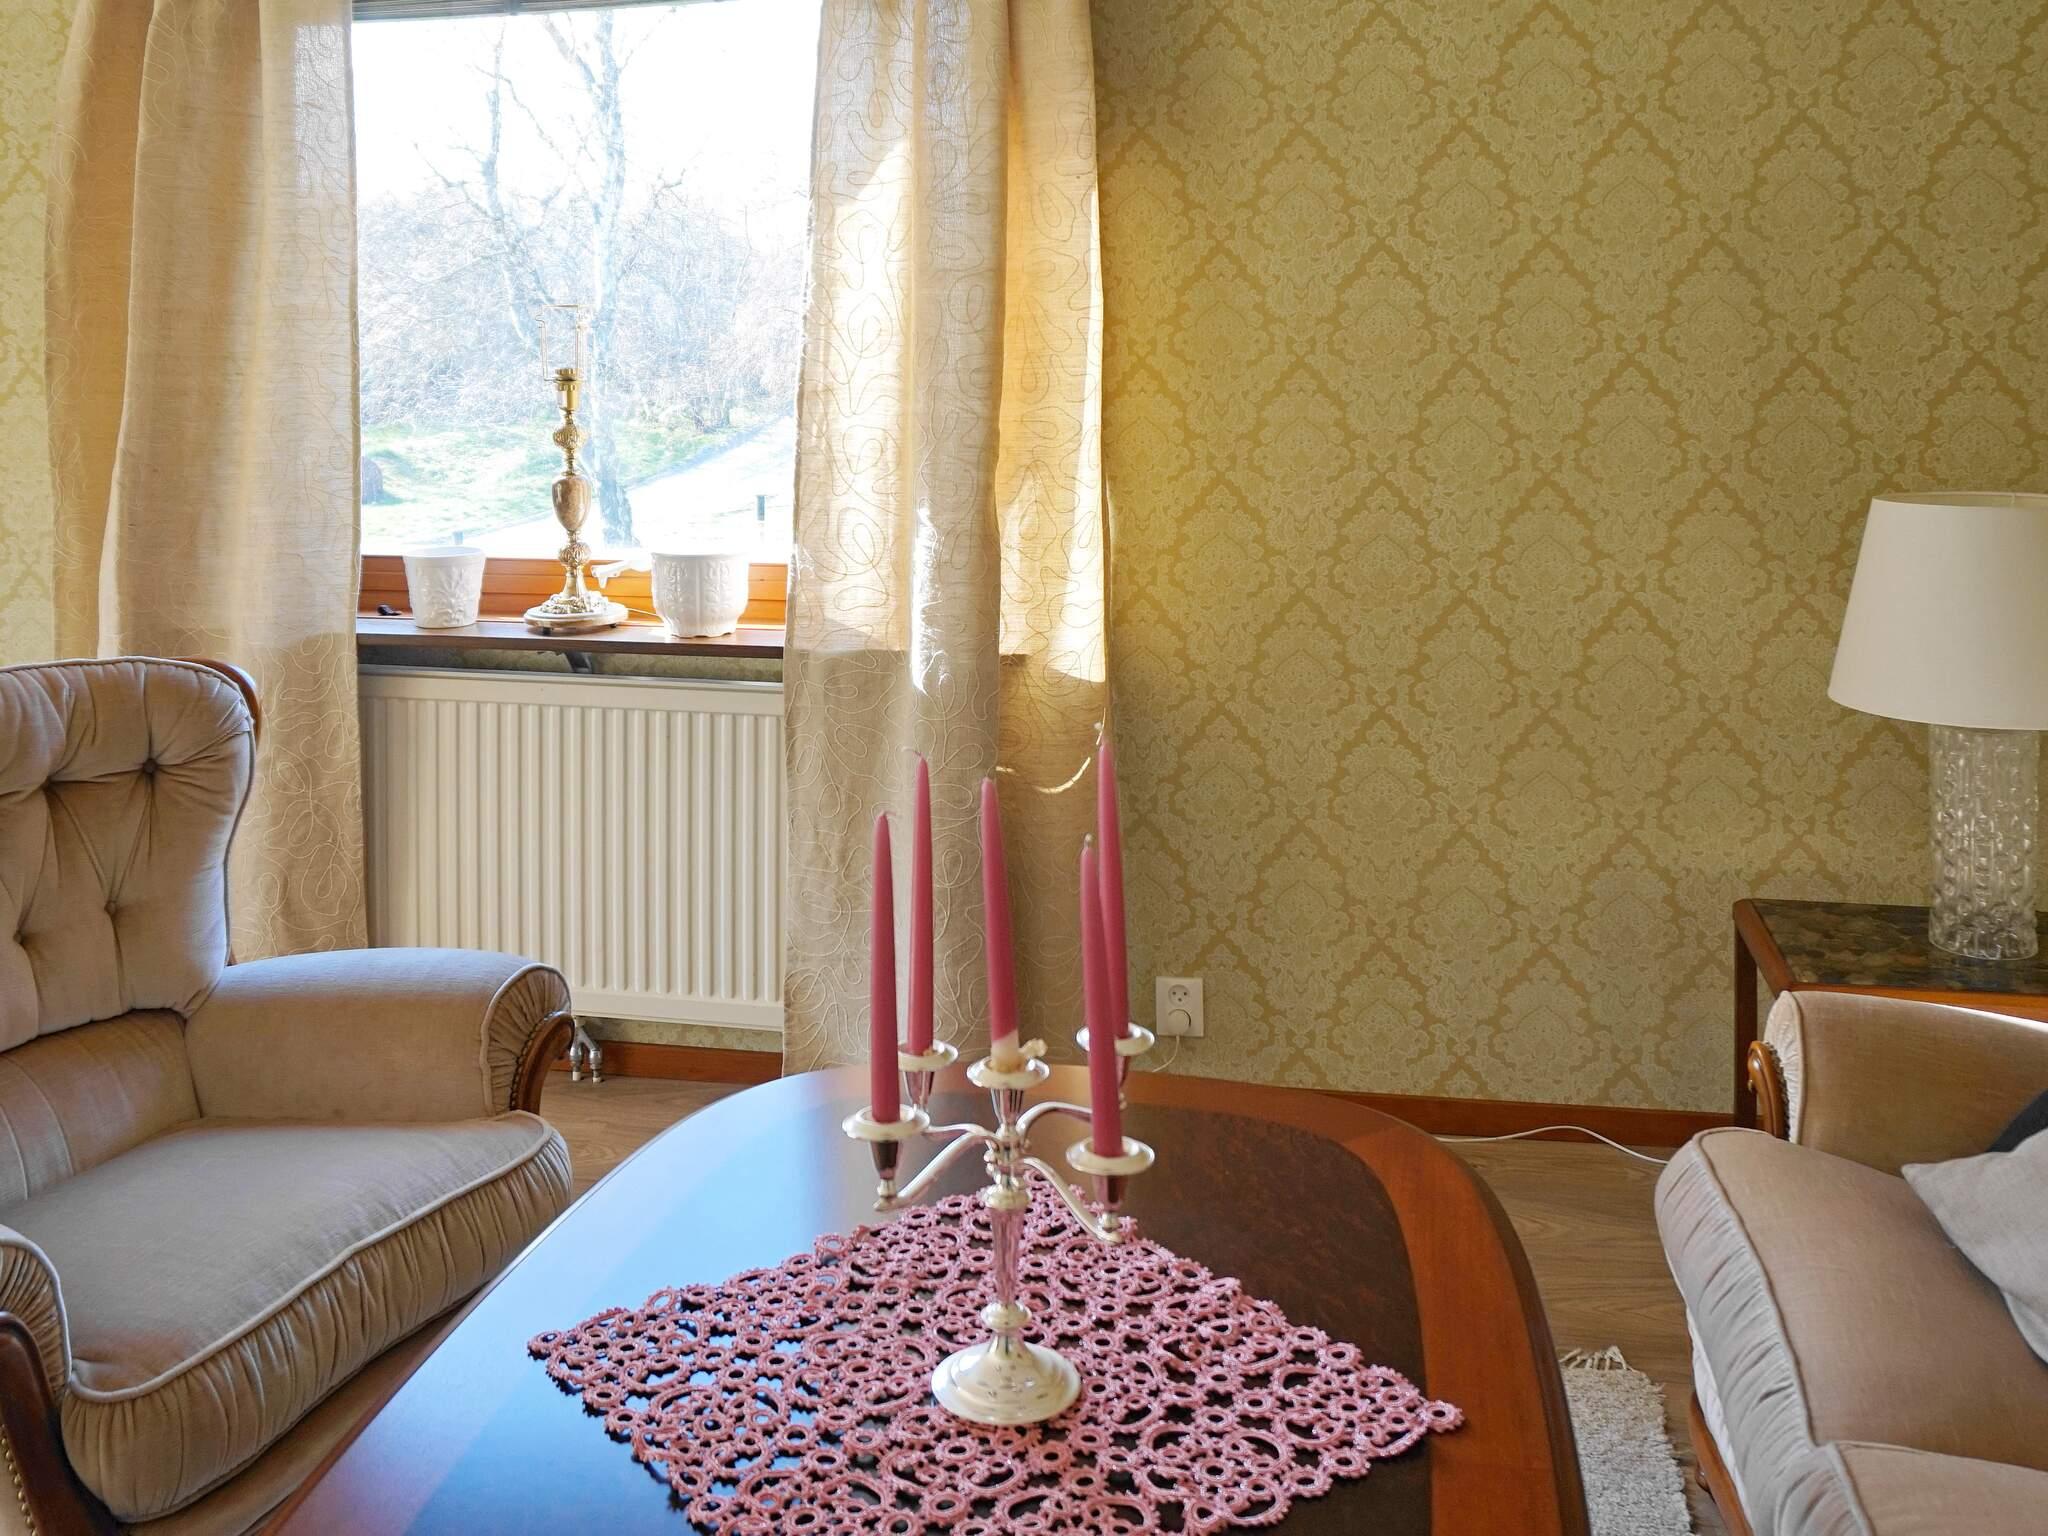 Ferienhaus Tjörn/Rönnäng (2611474), Rönnäng, Tjörn, Westschweden, Schweden, Bild 4